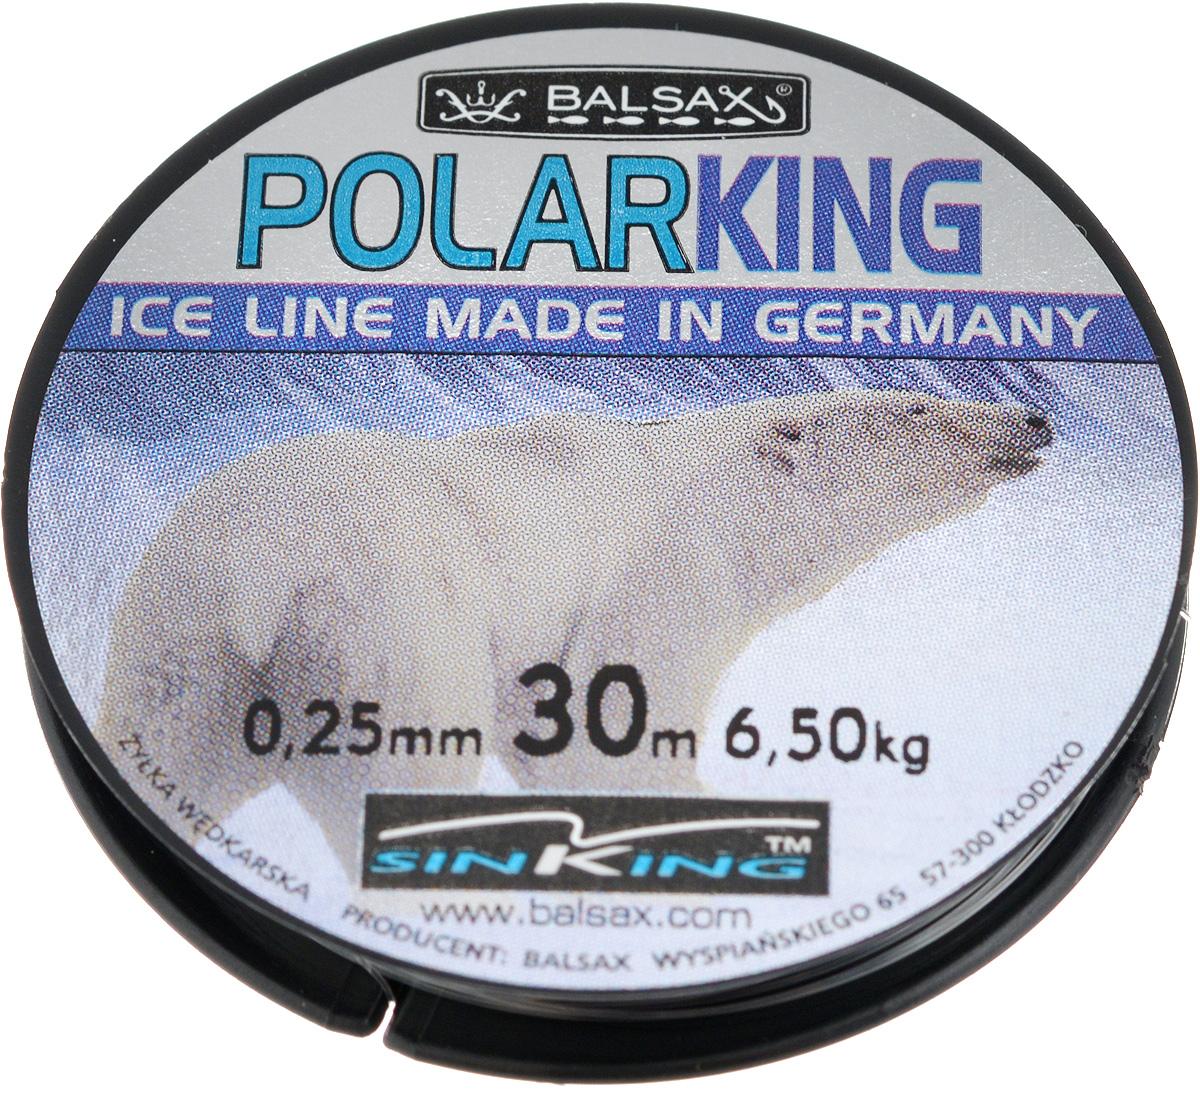 Леска зимняя Balsax Polar King, 30 м, 0,25 мм, 6,5 кг310-08012Леска Balsax Polar King изготовлена из 100% нейлона и очень хорошо выдерживает низкие температуры. Даже в самом холодном климате, при температуре вплоть до -40°C, она сохраняет свои свойства практически без изменений, в то время как традиционные лески становятся менее эластичными и теряют прочность.Поверхность лески обработана таким образом, что она не обмерзает и отлично подходит для подледного лова. Прочна в местах вязки узлов даже при минимальном диаметре.